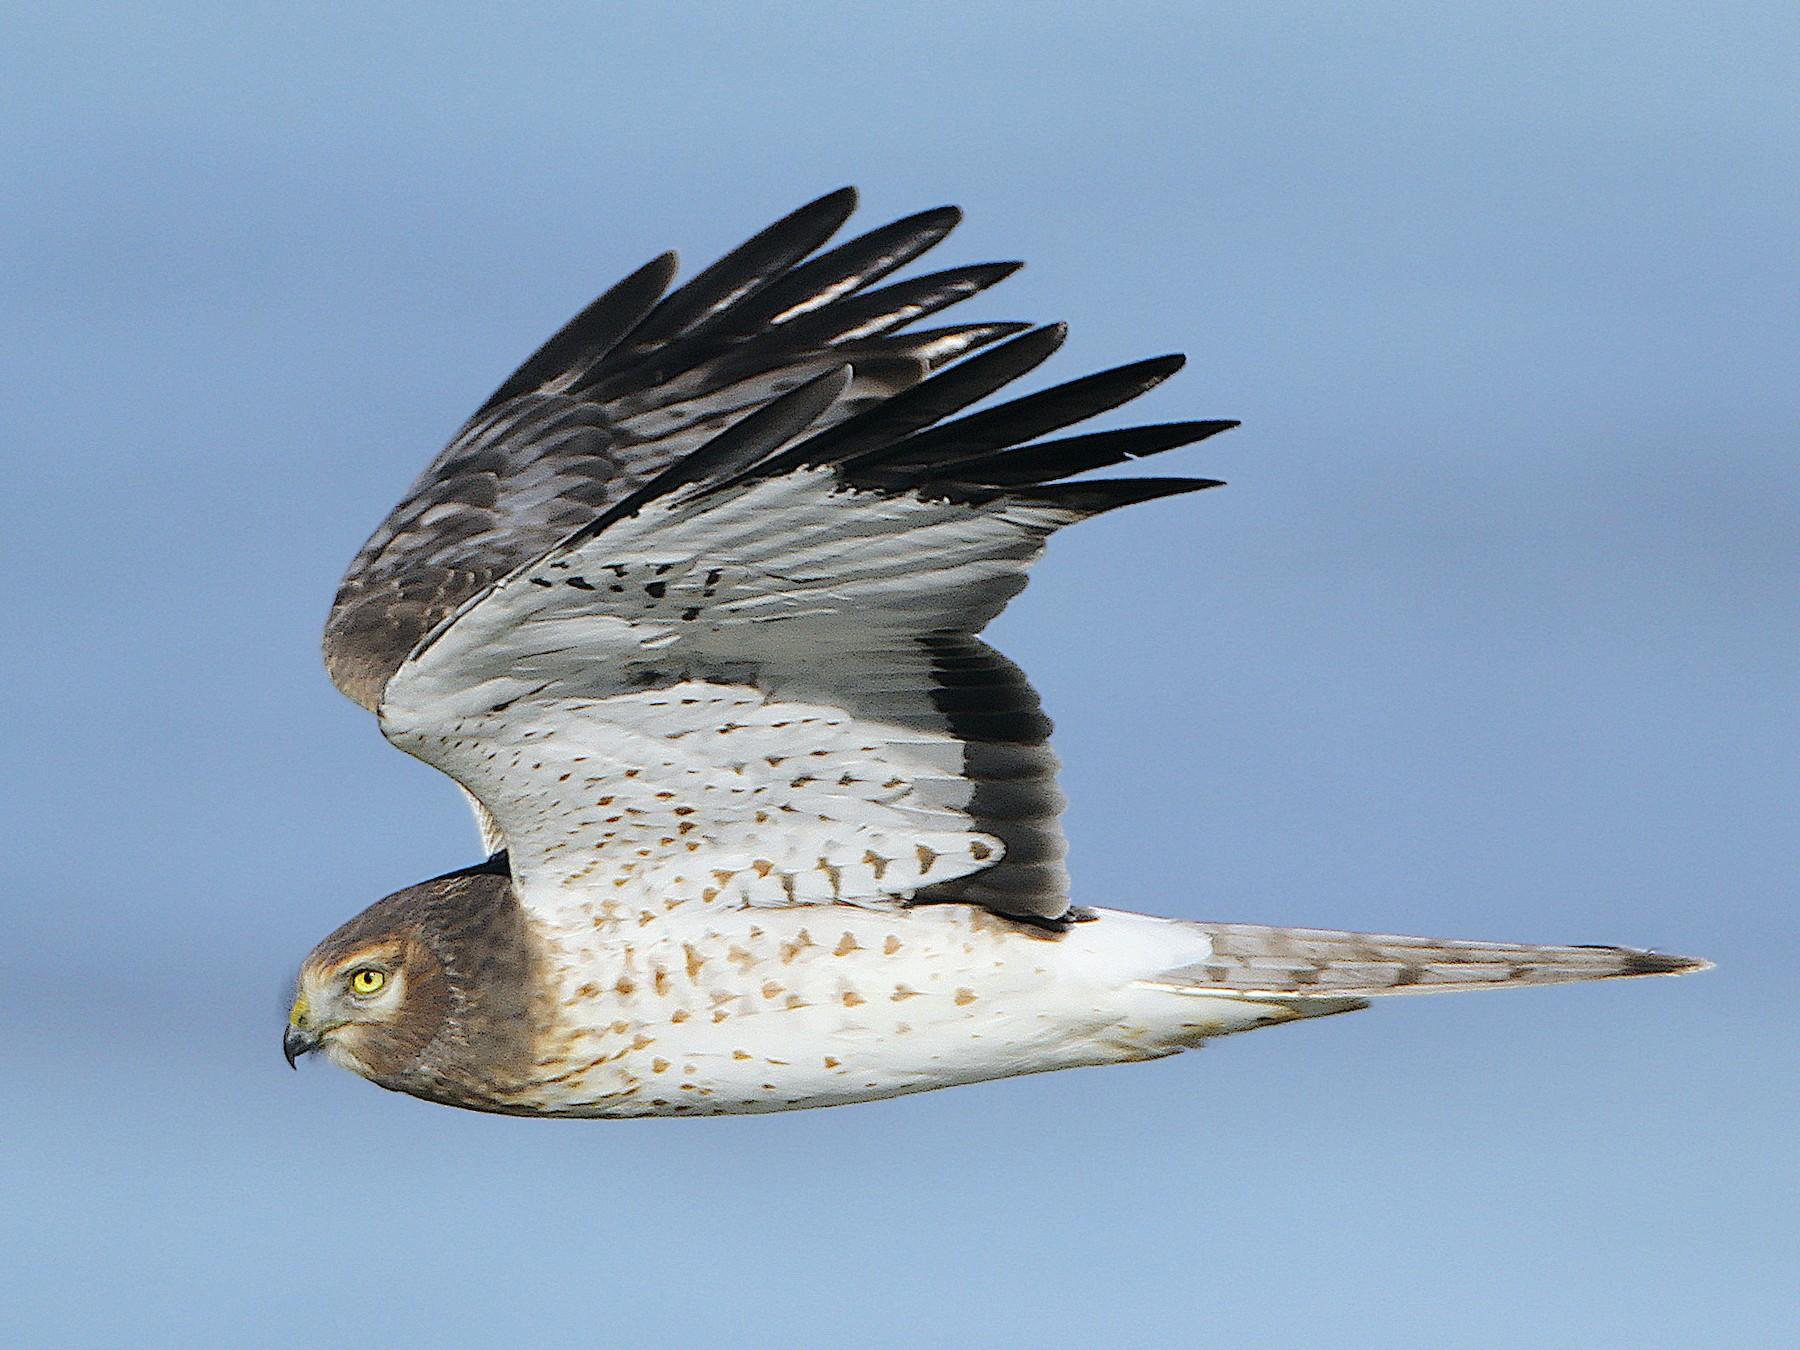 Northern Harrier - Jerry Liguori